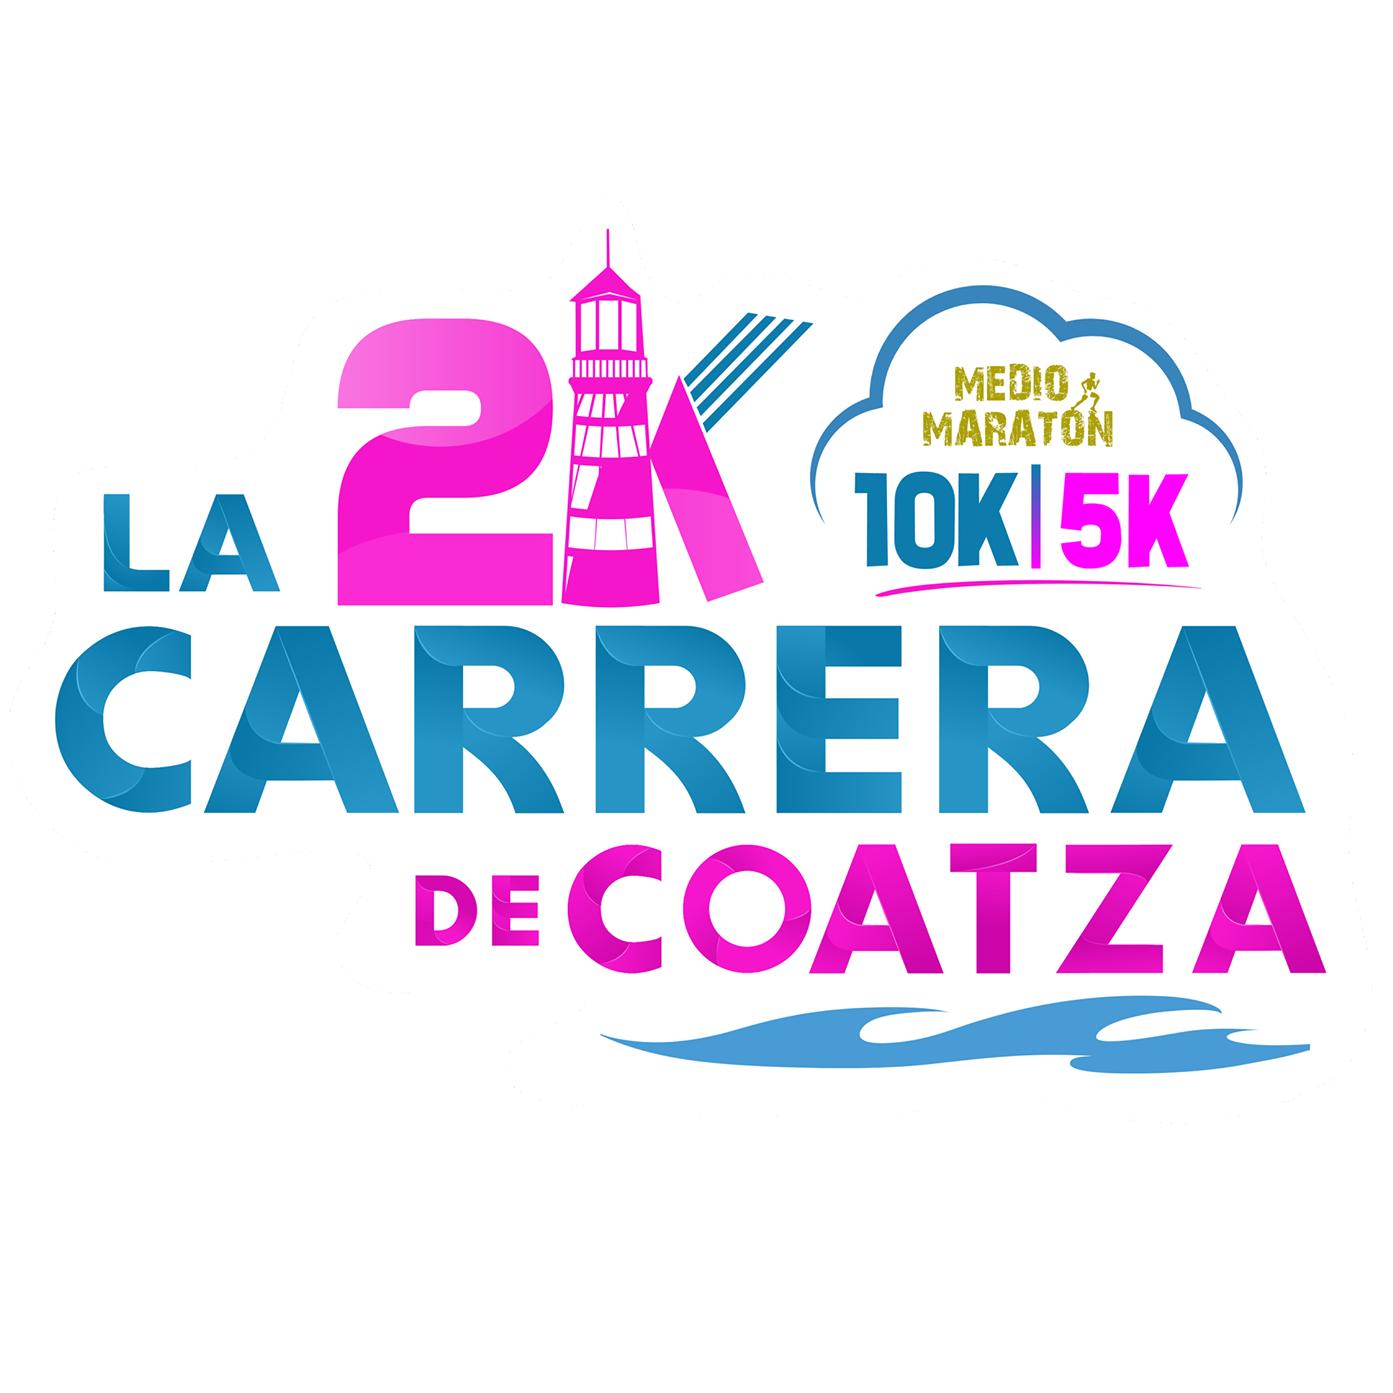 Estiman mil participantes en Carrera de Coatza 2019